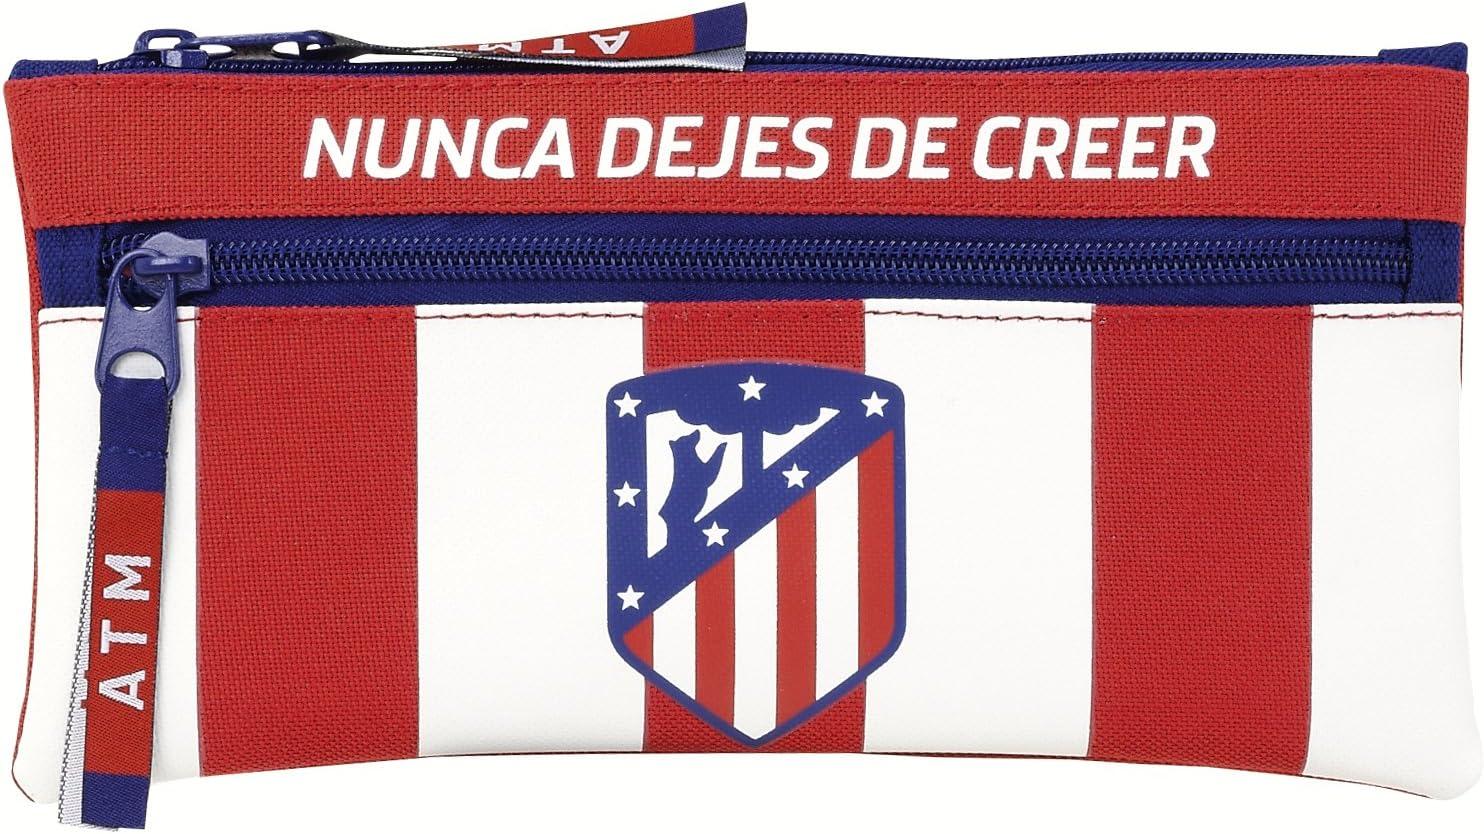 Safta Estuche Doble Cremallera Atlético De Madrid Oficial Escolar 230x110mm: Amazon.es: Juguetes y juegos